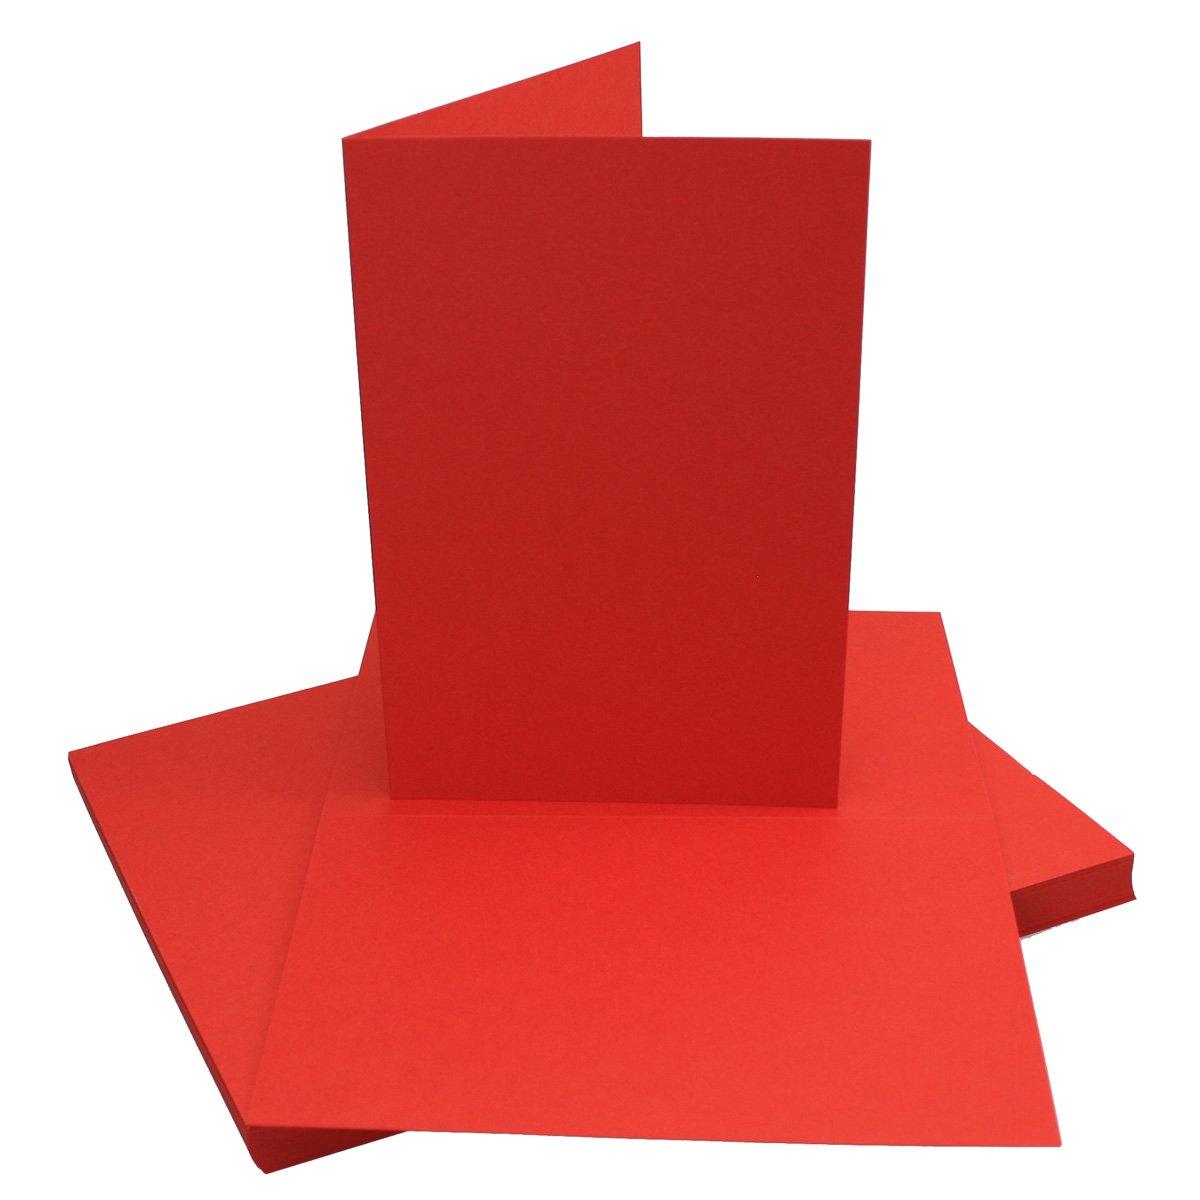 250x Falt-Karten DIN A6 Blanko Doppel-Karten in Hochweiß Kristallweiß -10,5 x 14,8 cm   Premium Qualität   FarbenFroh® B078W5DFB6 | Deutschland Shops